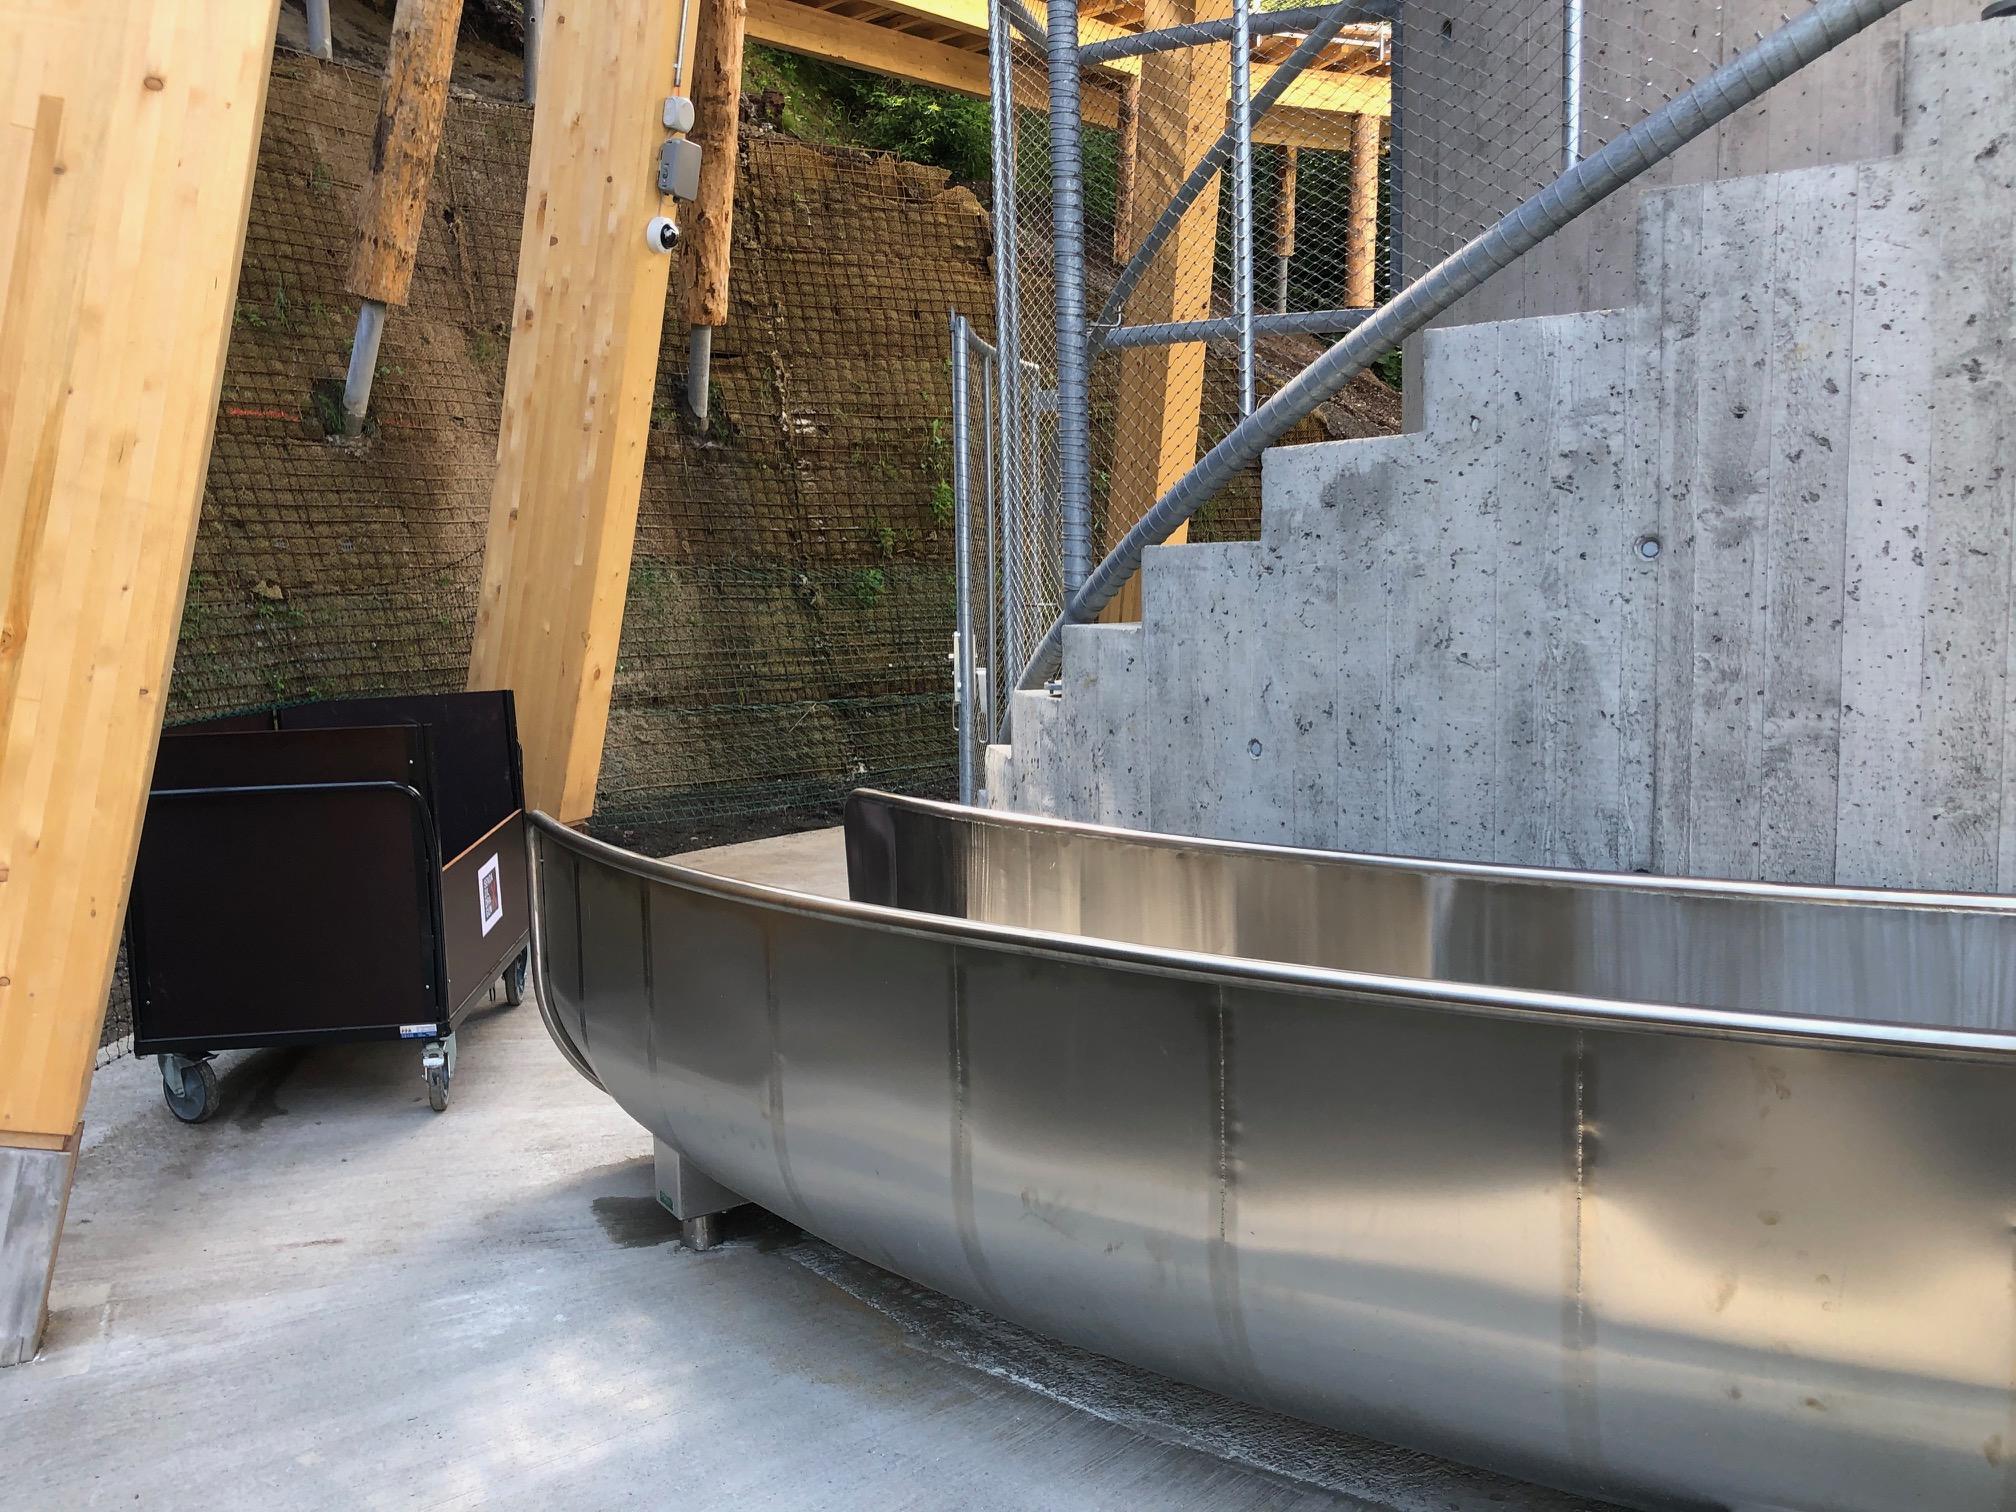 Hier die Ankunft der GTSM Tunnel-Rutsche am Fusse des Turms des Baumwipfepfads Laax